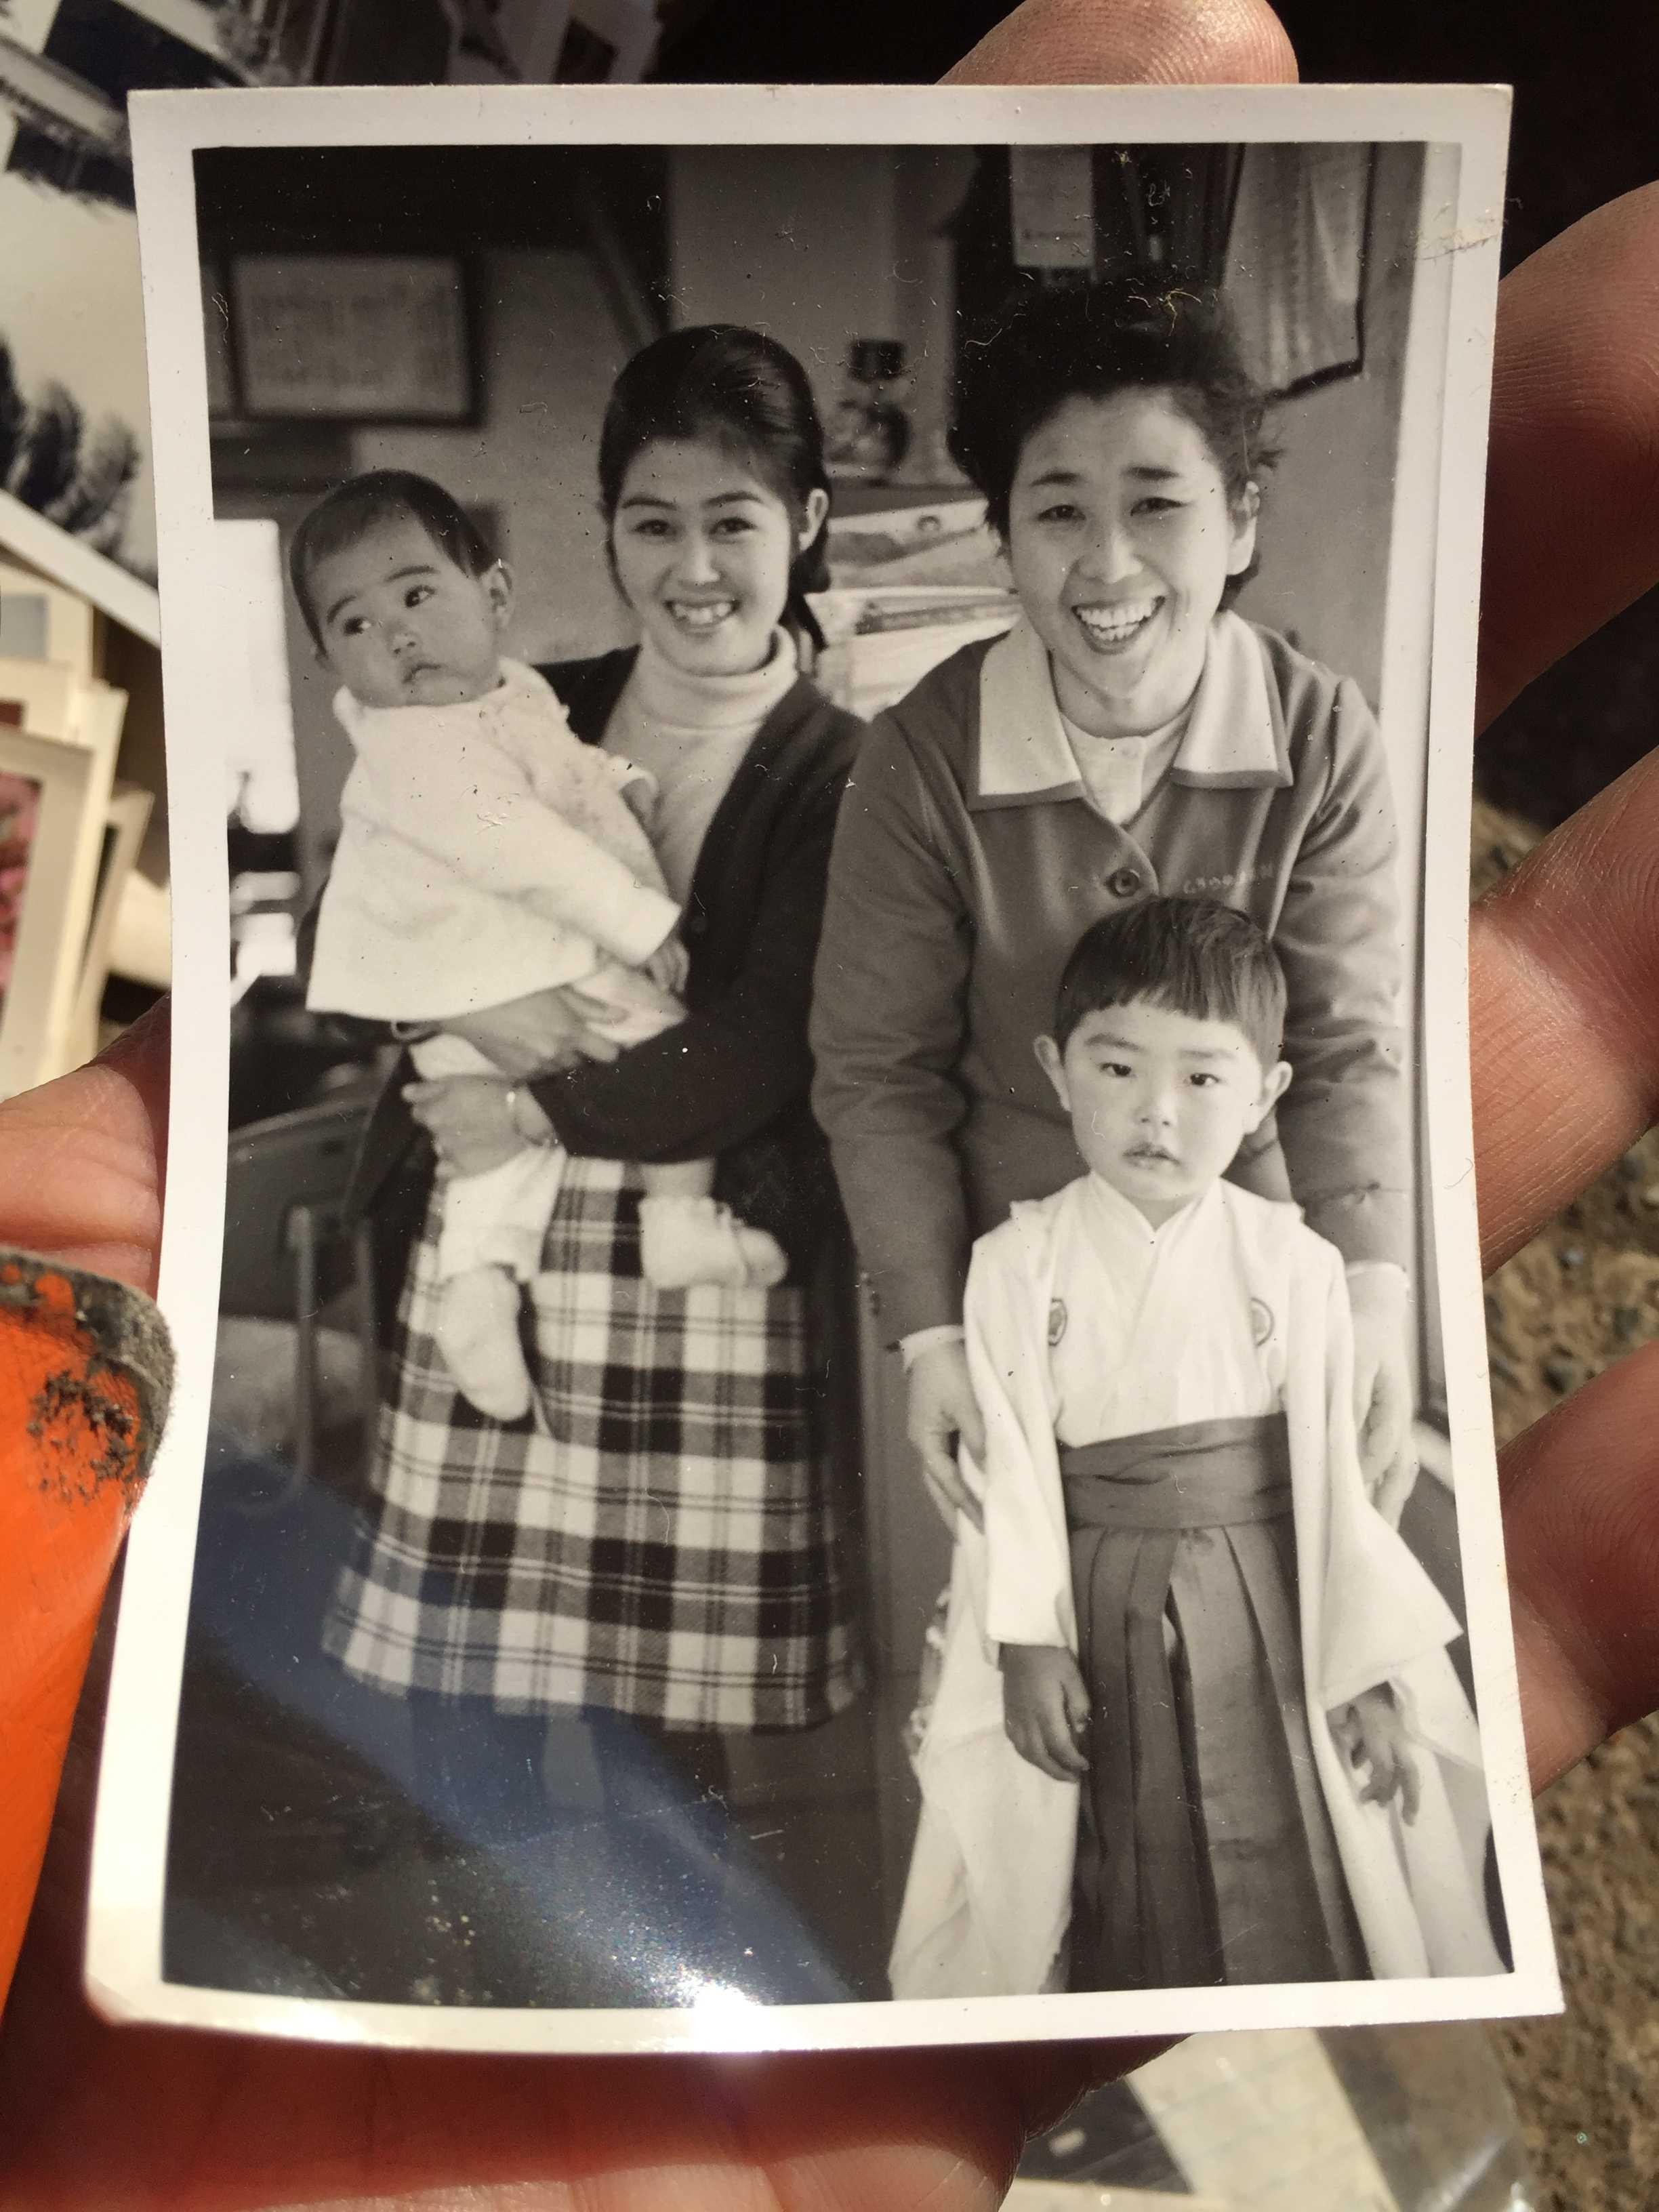 村内伸弘 - 昭和45年(1970年) 11月15日、七五三